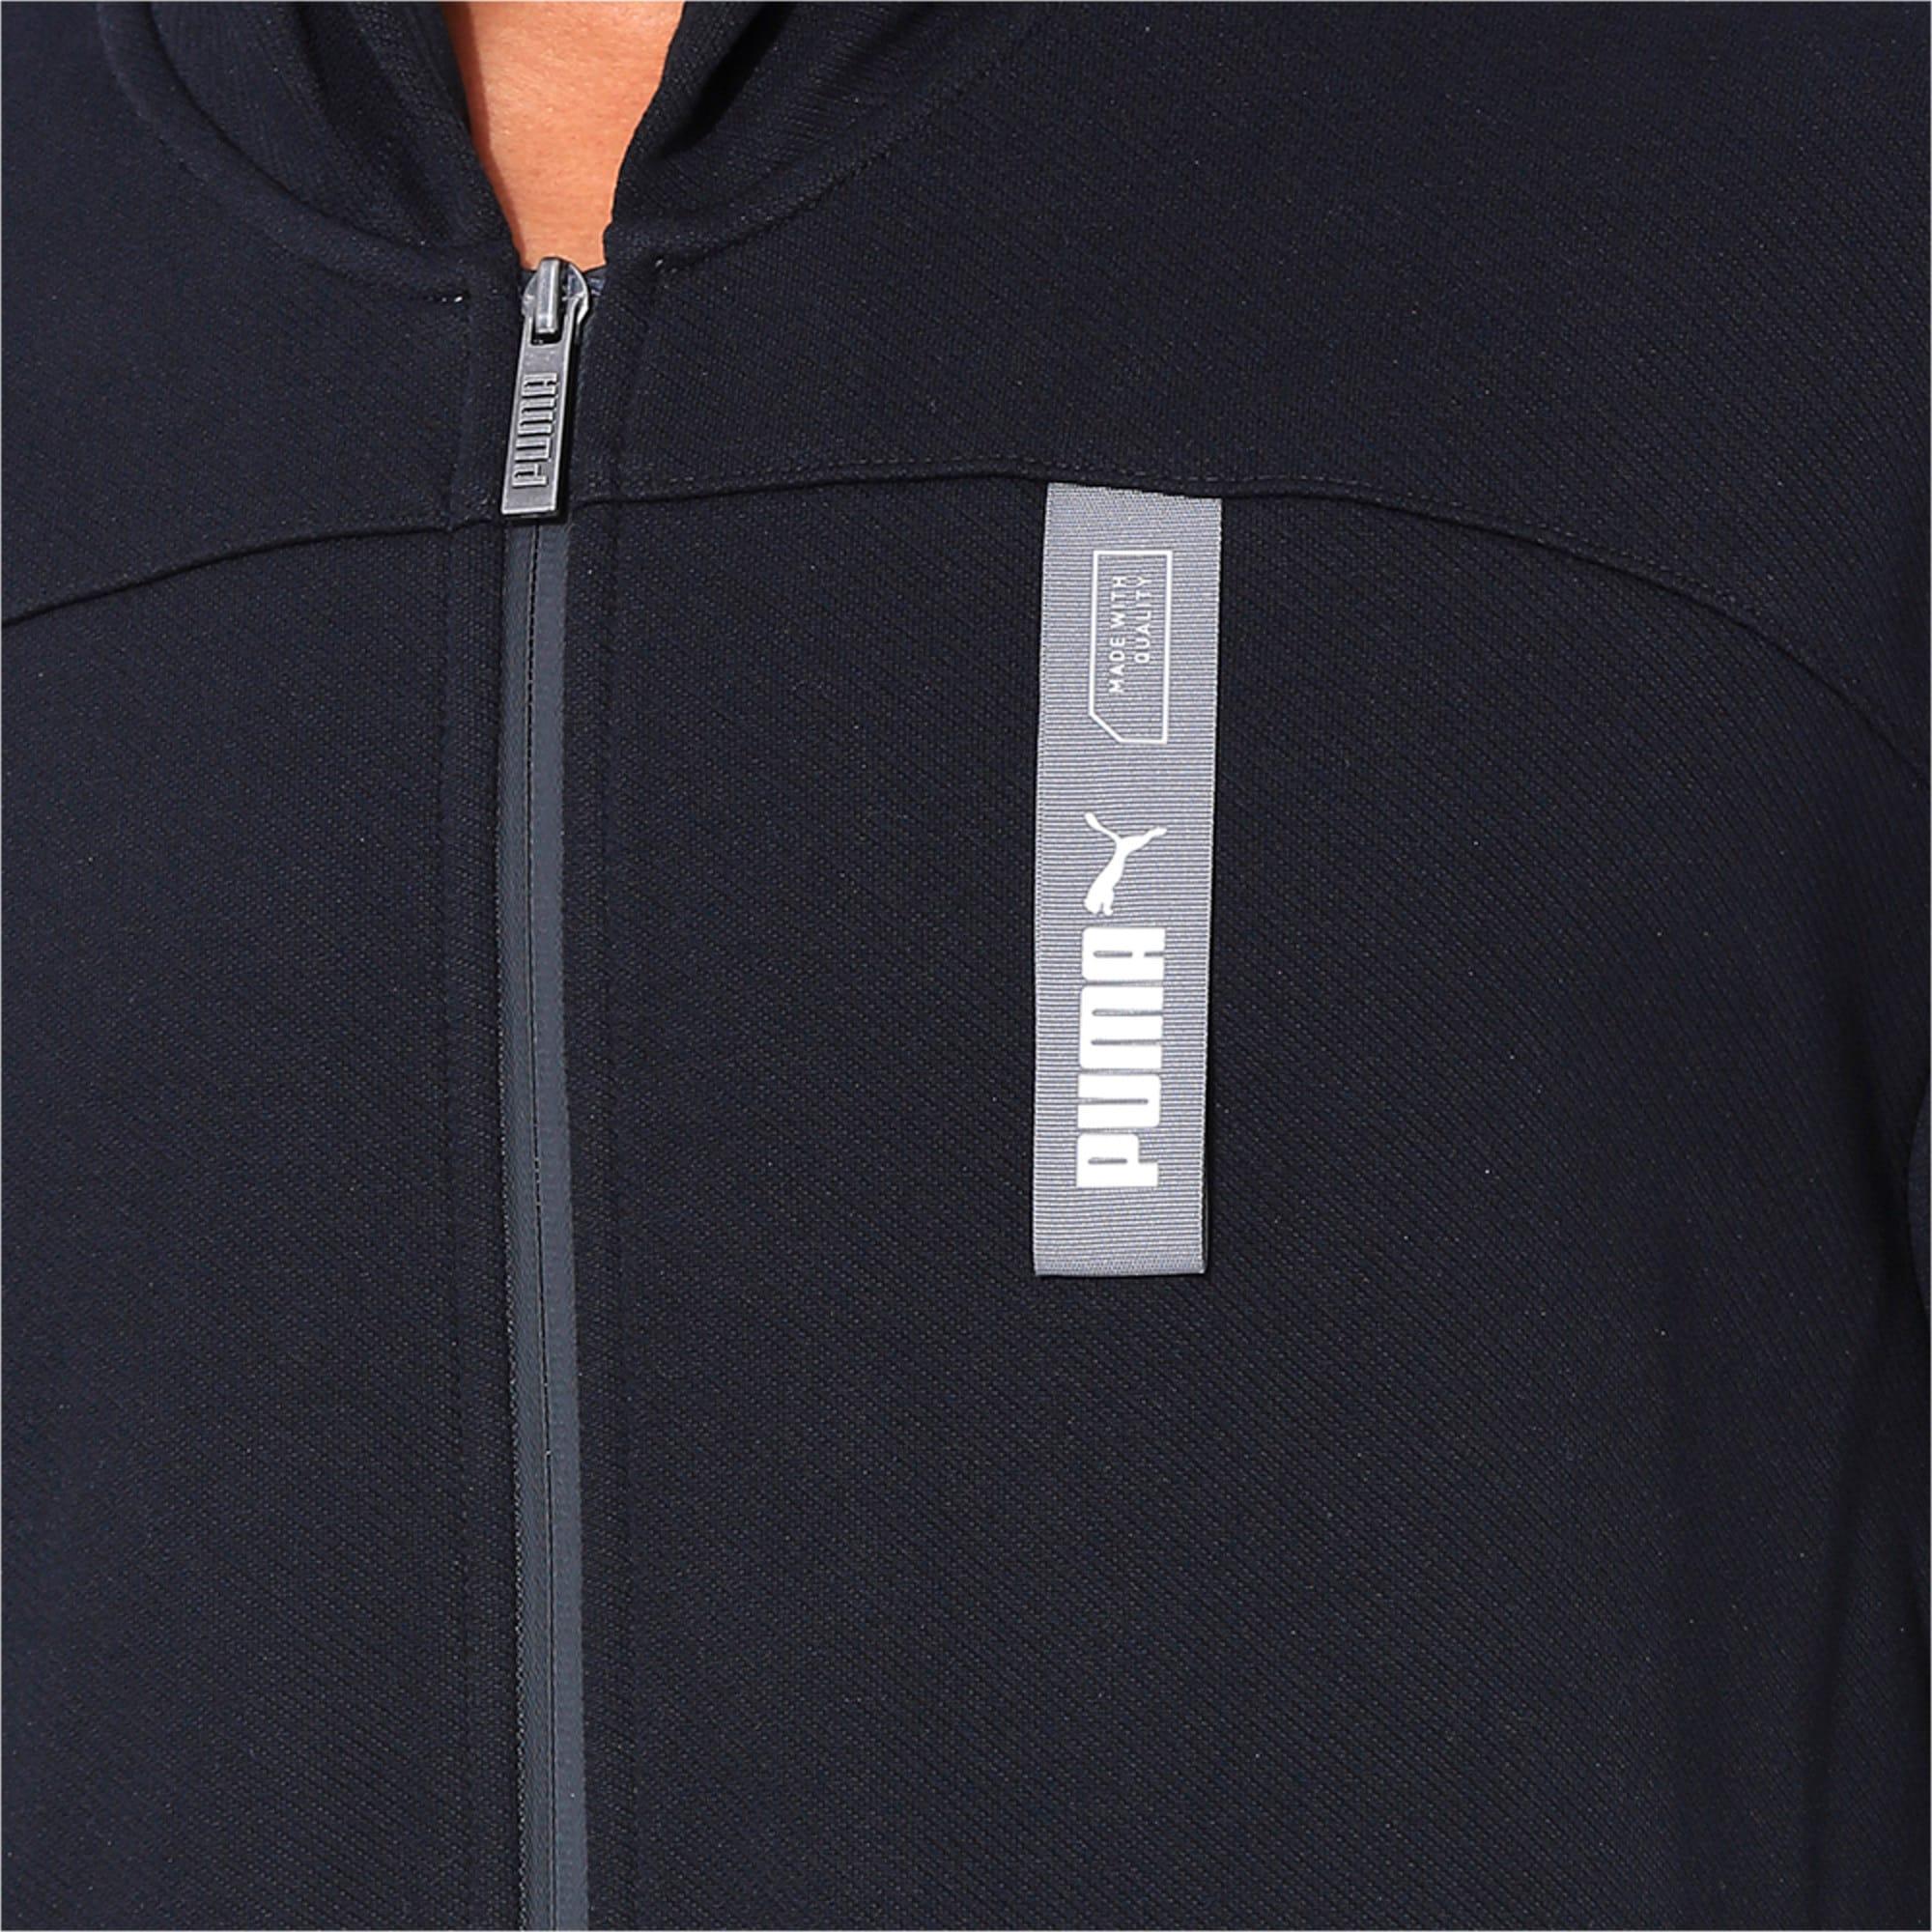 Thumbnail 6 of NU-TILITY Full Zip Men's Hoodie, Puma Black, medium-IND